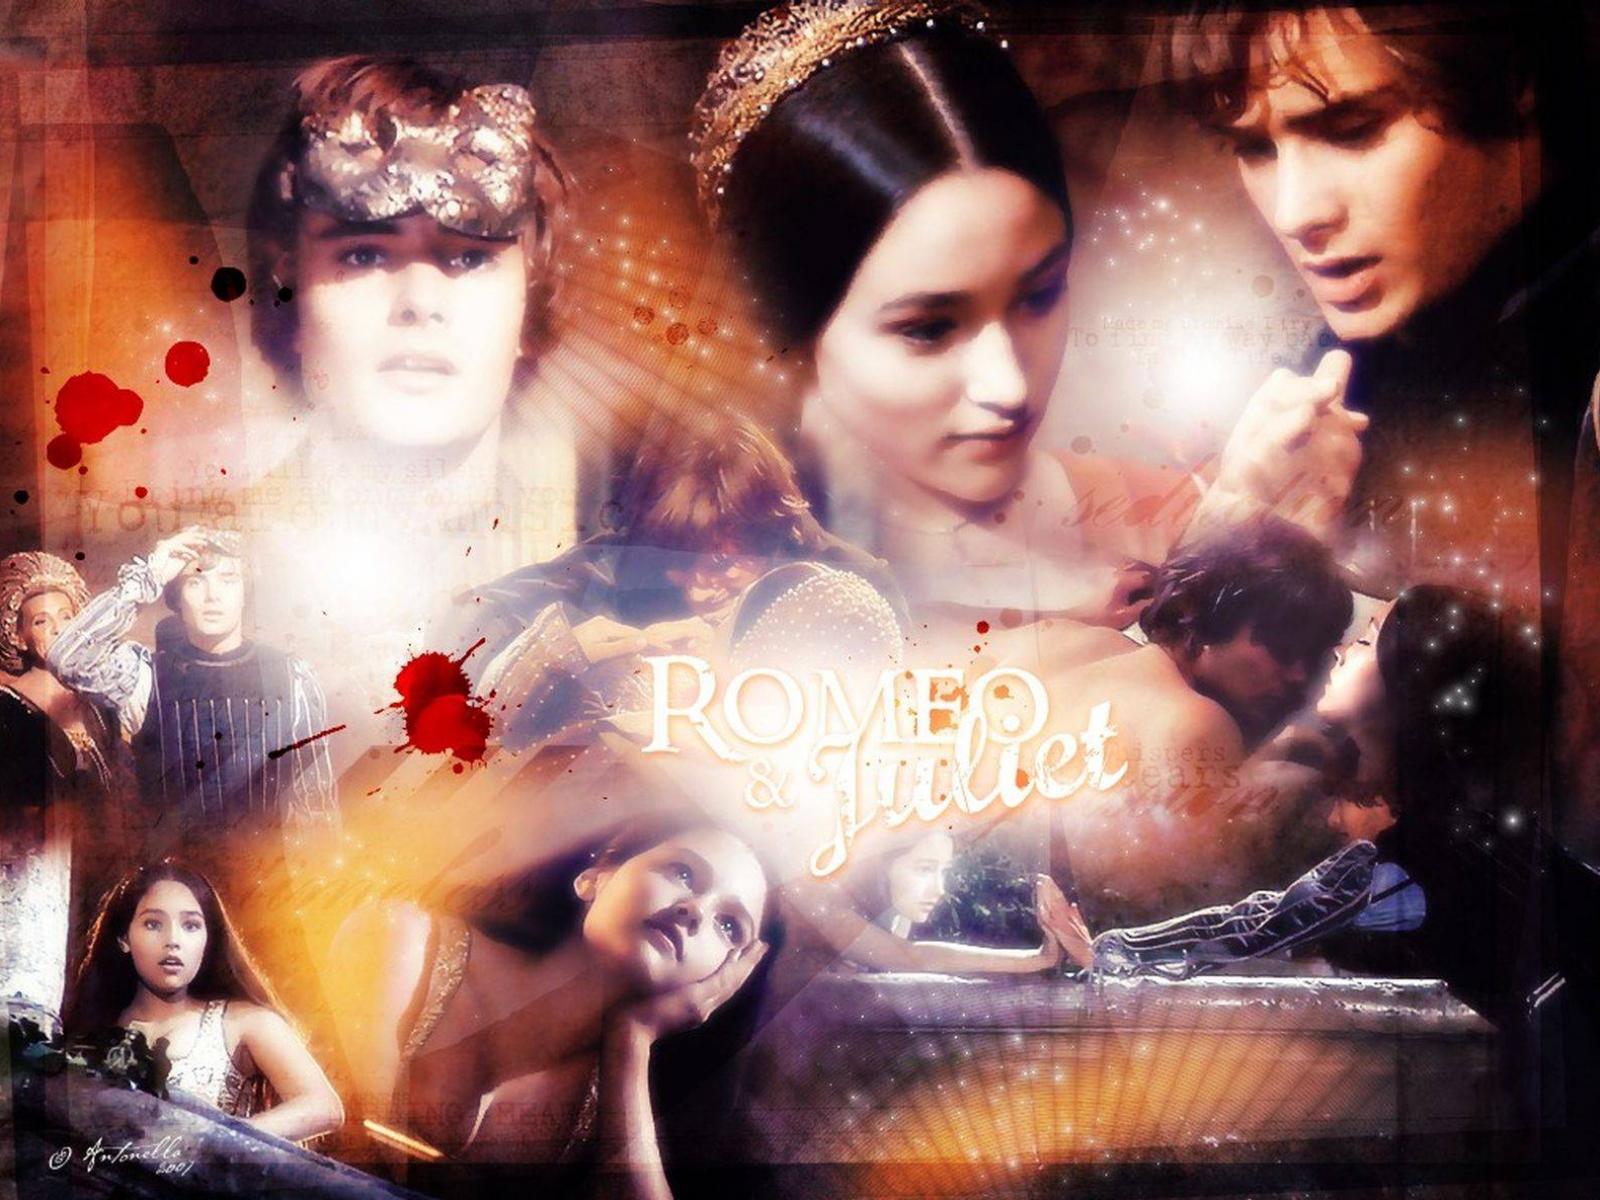 Ромео и джульетта xxx 4 фотография